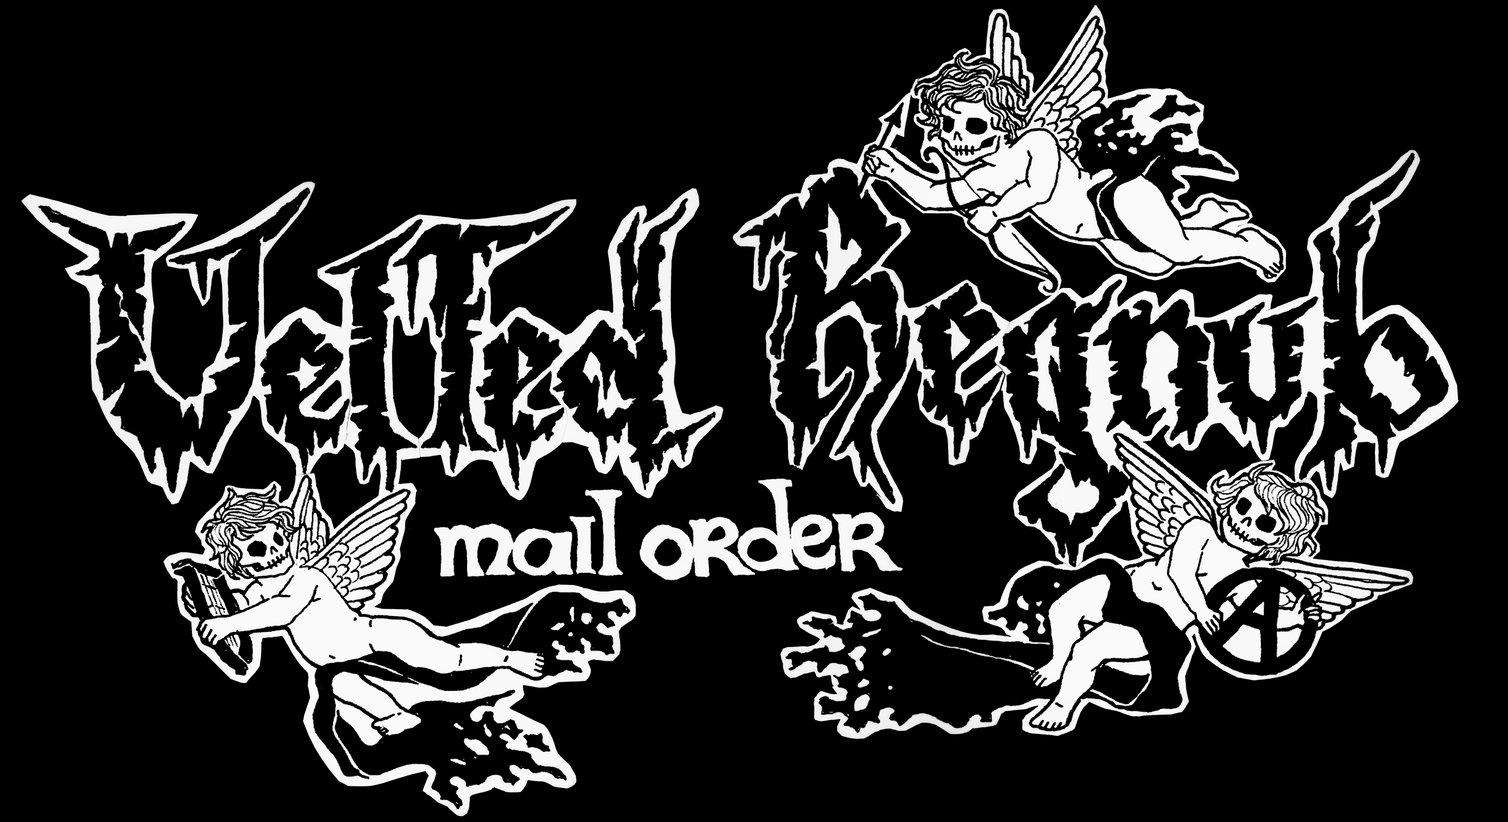 velted regnub mailorder